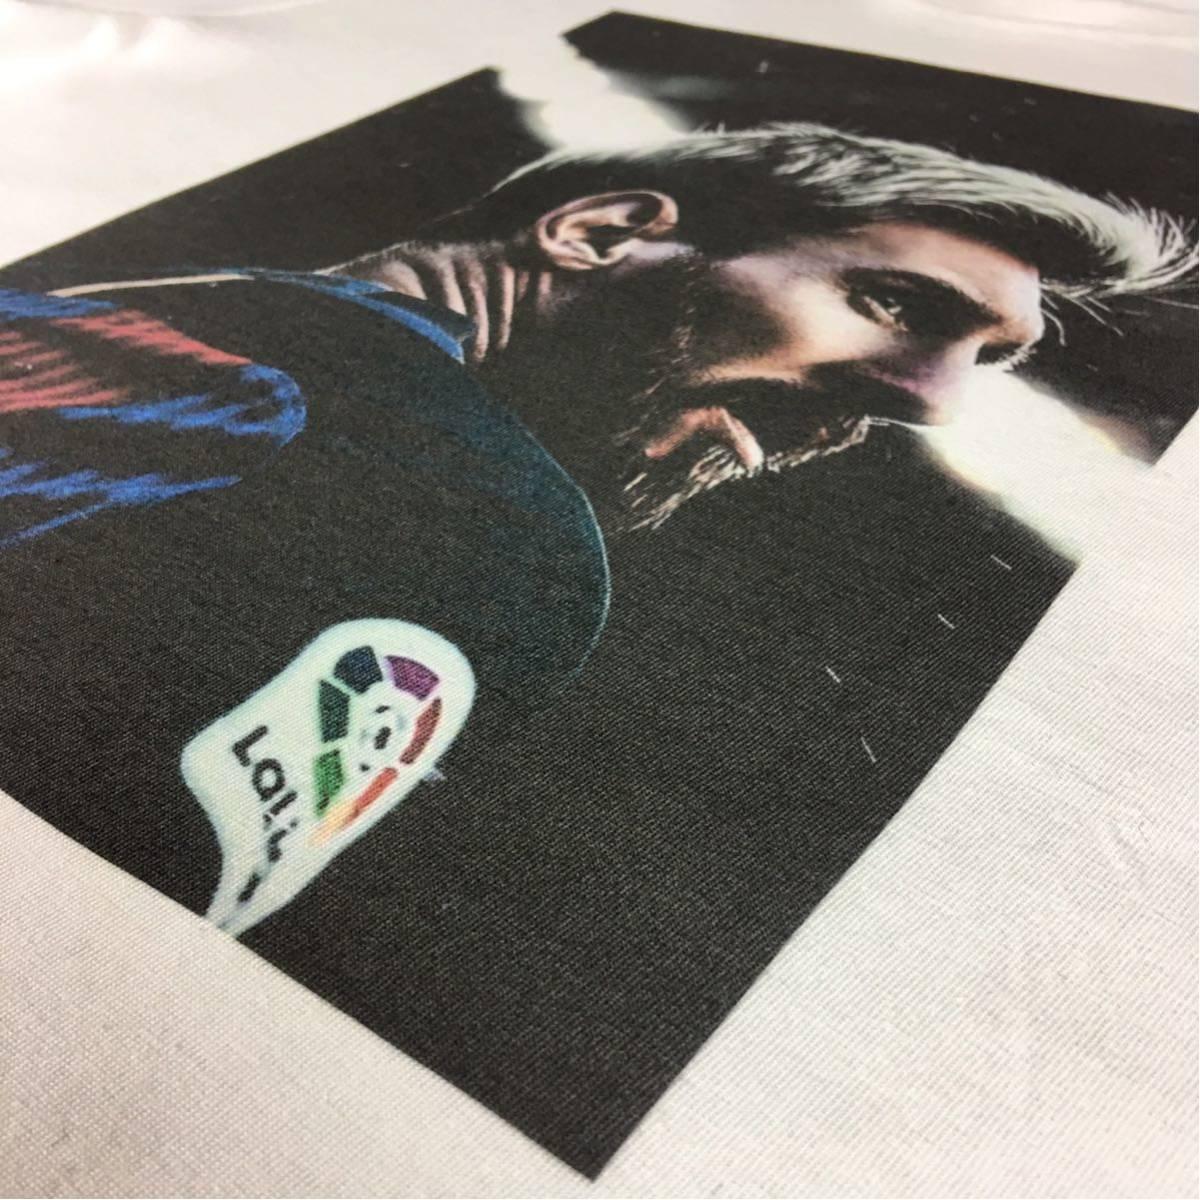 新品 サッカー メッシ Tシャツ S M L XL ワールドカップ バルセロナ アルゼンチン ロナウド ビッグ オーバー サイズ XXL~5XL 長袖 黒 対応_画像8